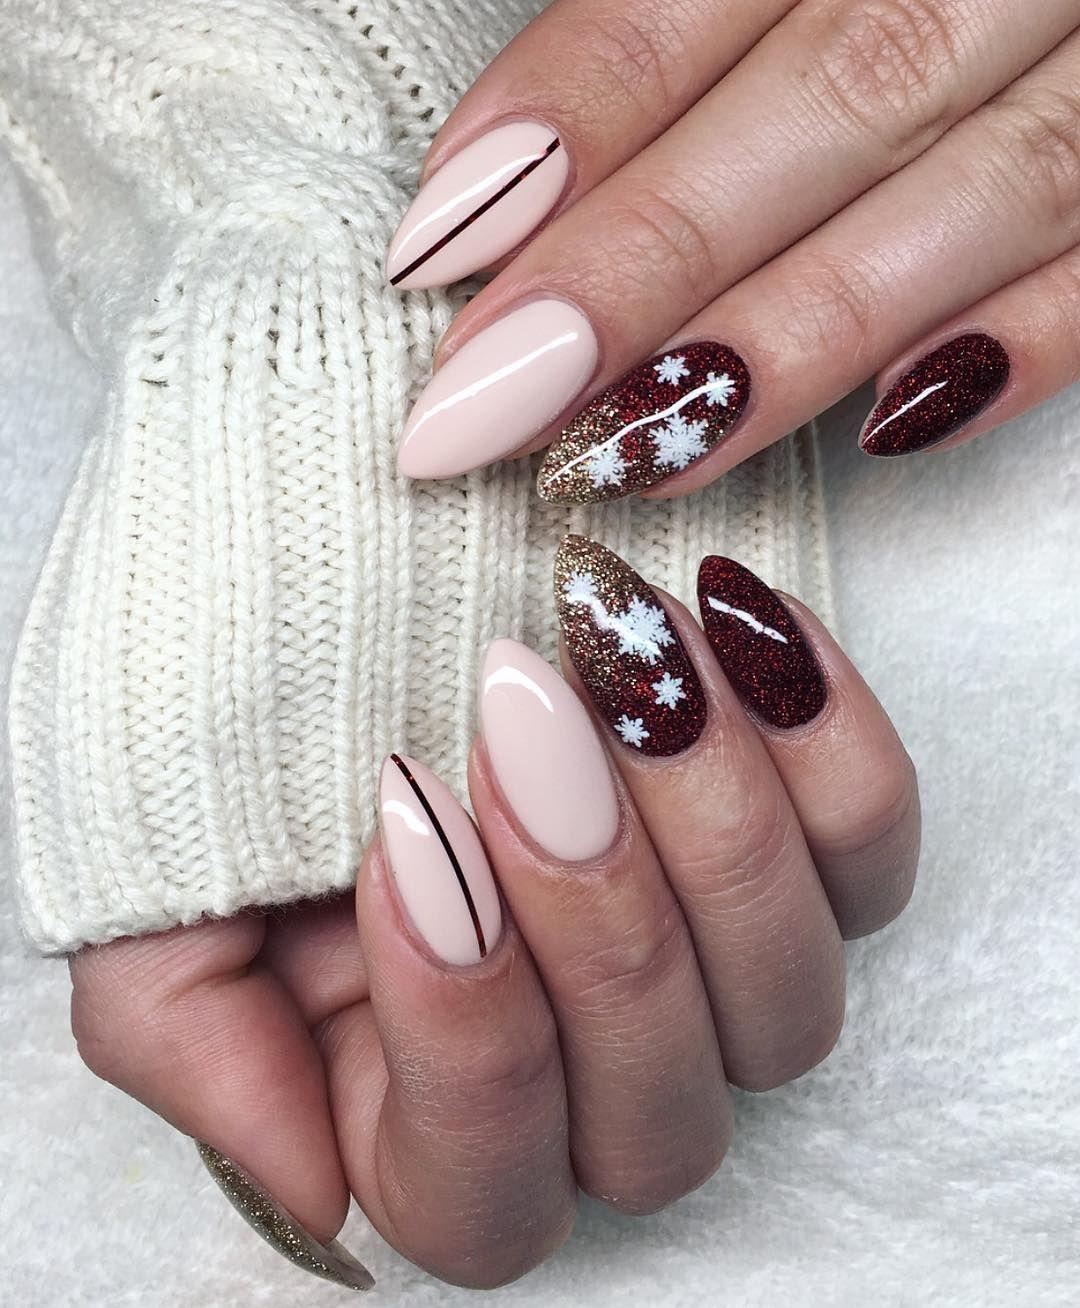 Acrylicnails Christmas Nails Cute Christmas Nails Holiday Nails